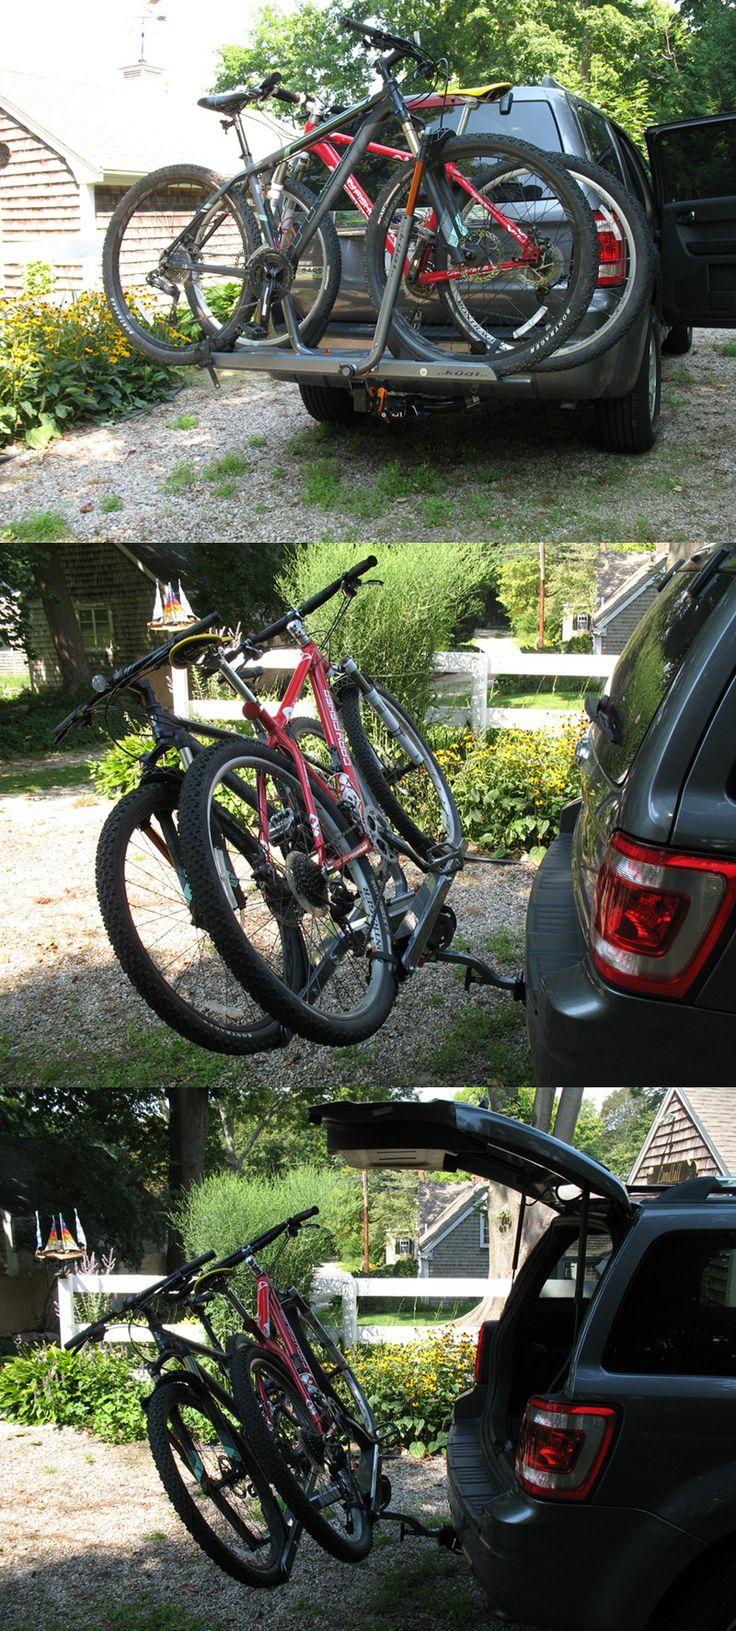 hitch project yakima bike cosmecol kuat img beta ridgeback civic rack honda drawtite